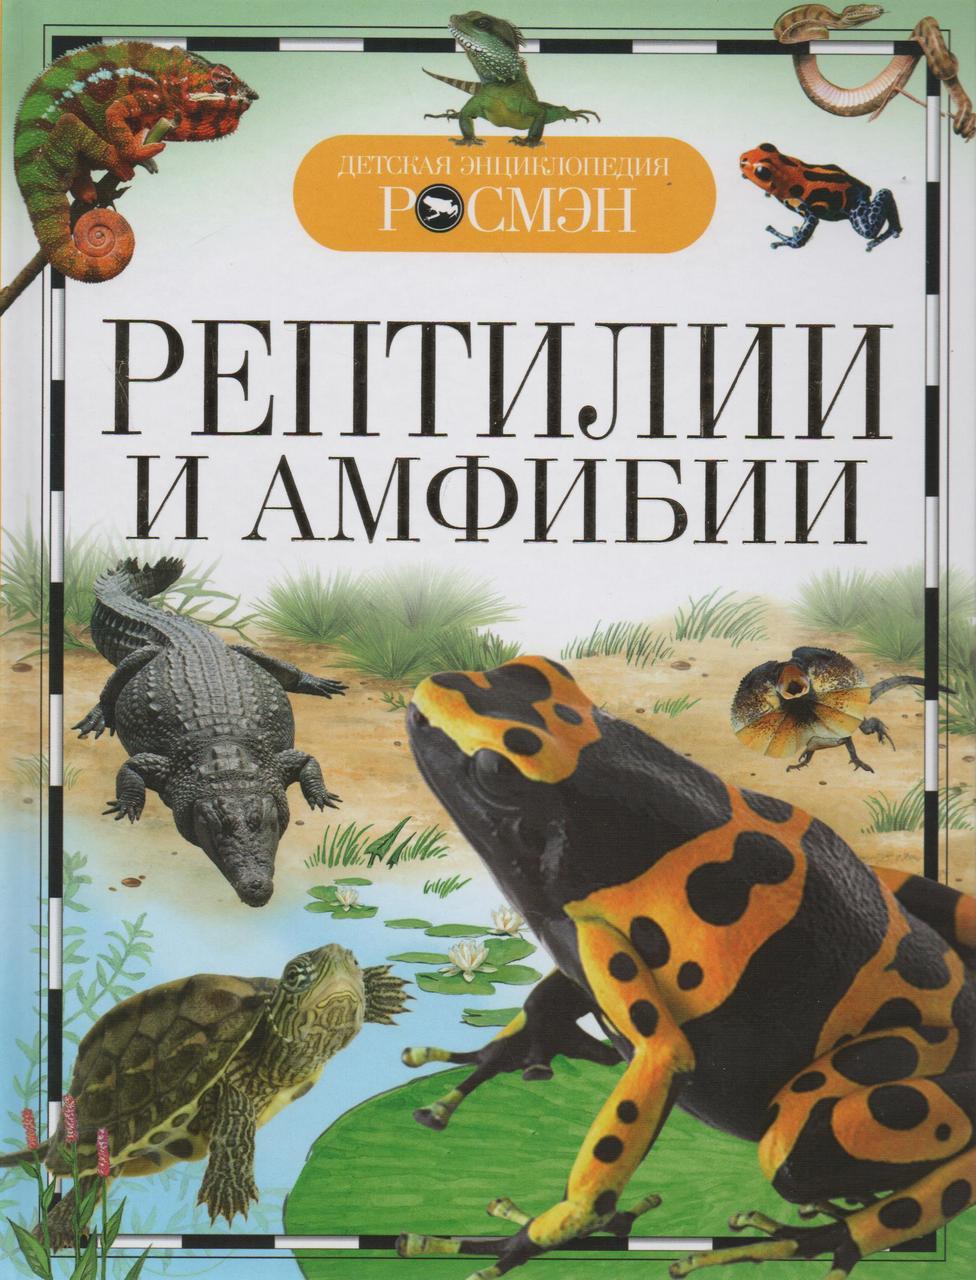 Рептилії і амфібії (ДЕР). І. В. Травіна